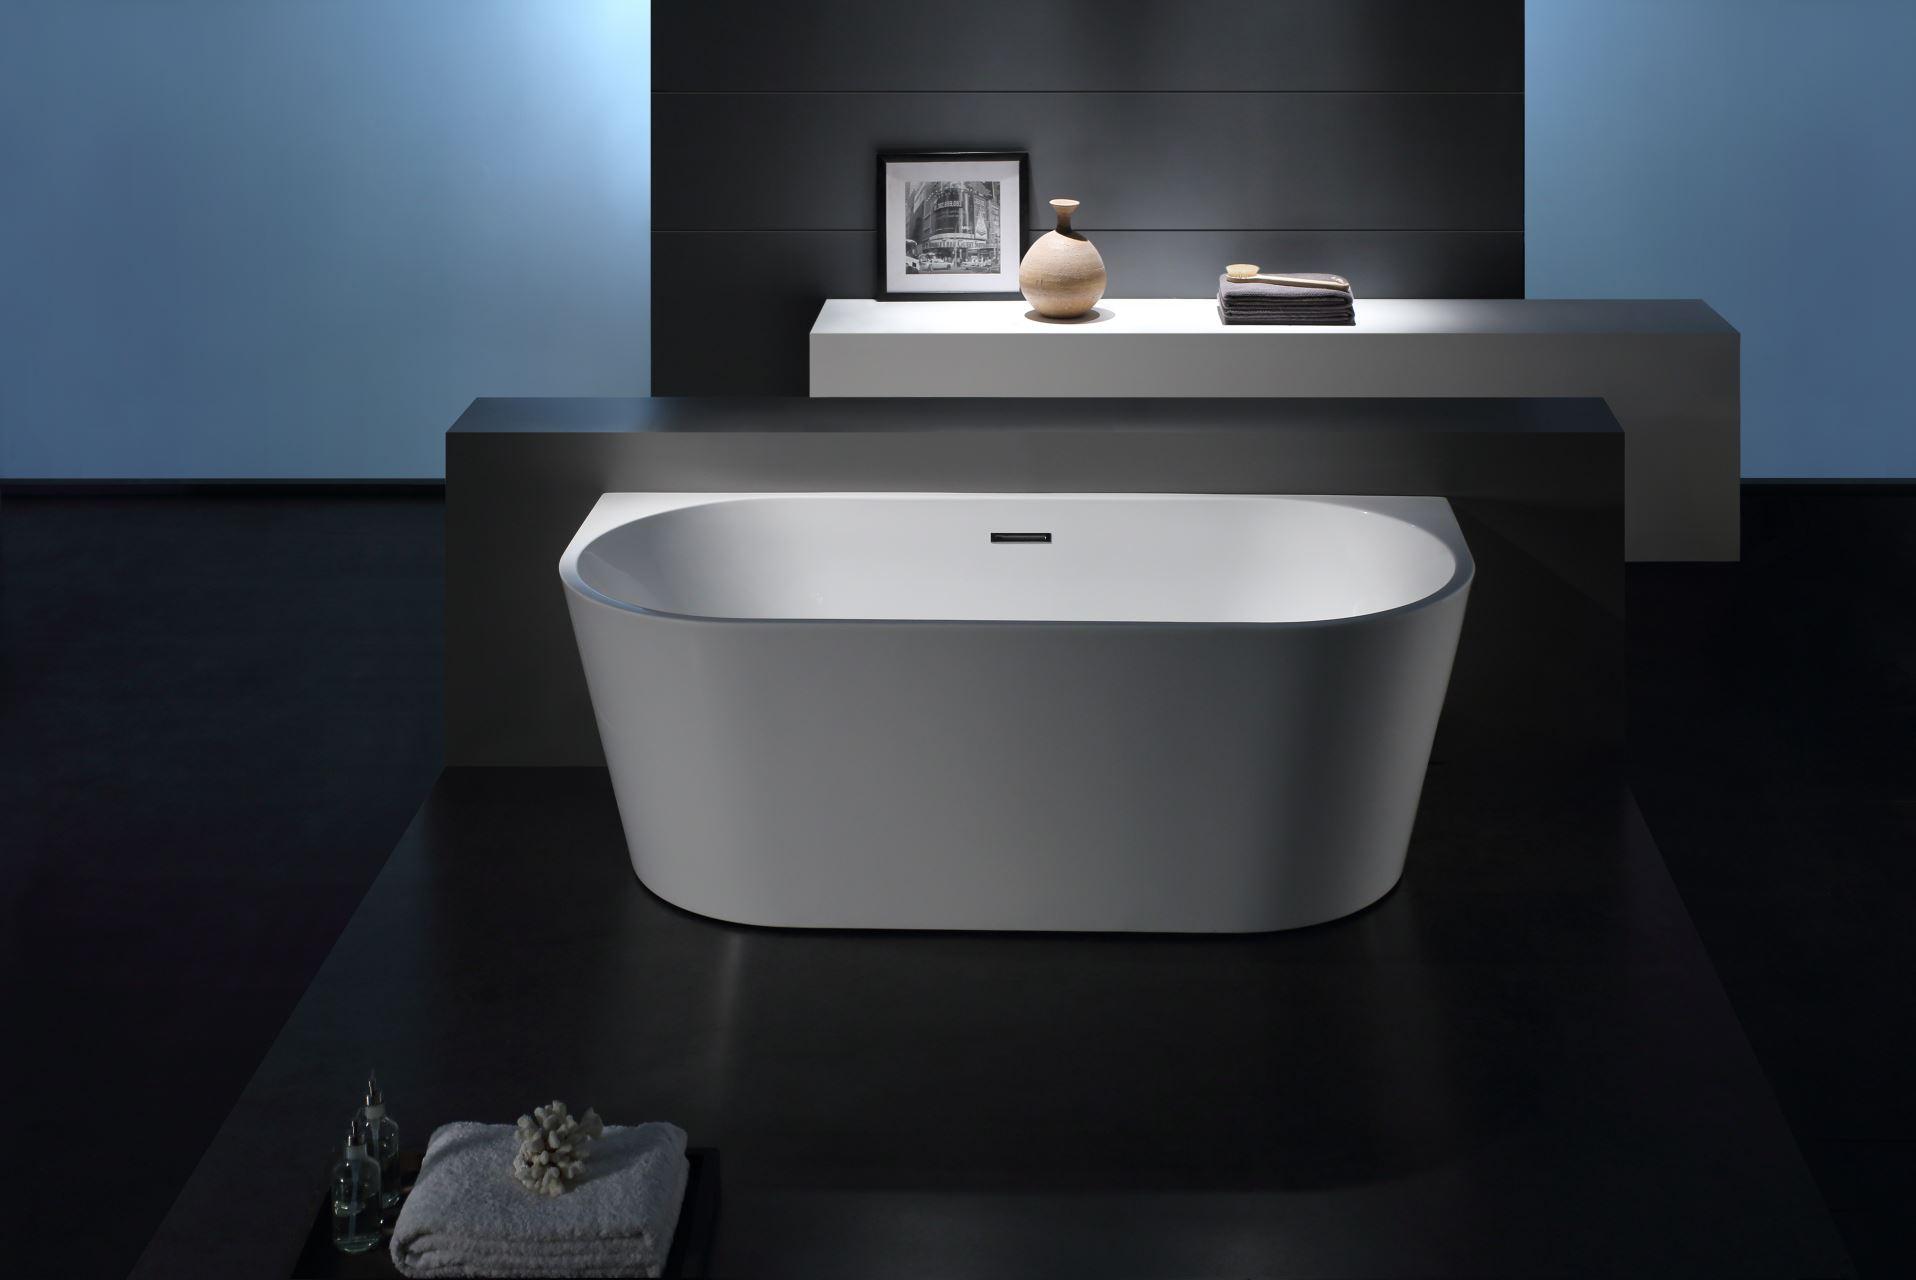 Half Vrijstaand Bad : Prachtig vrijstaand bad gemaakt duurzaam acryl verstevigd met